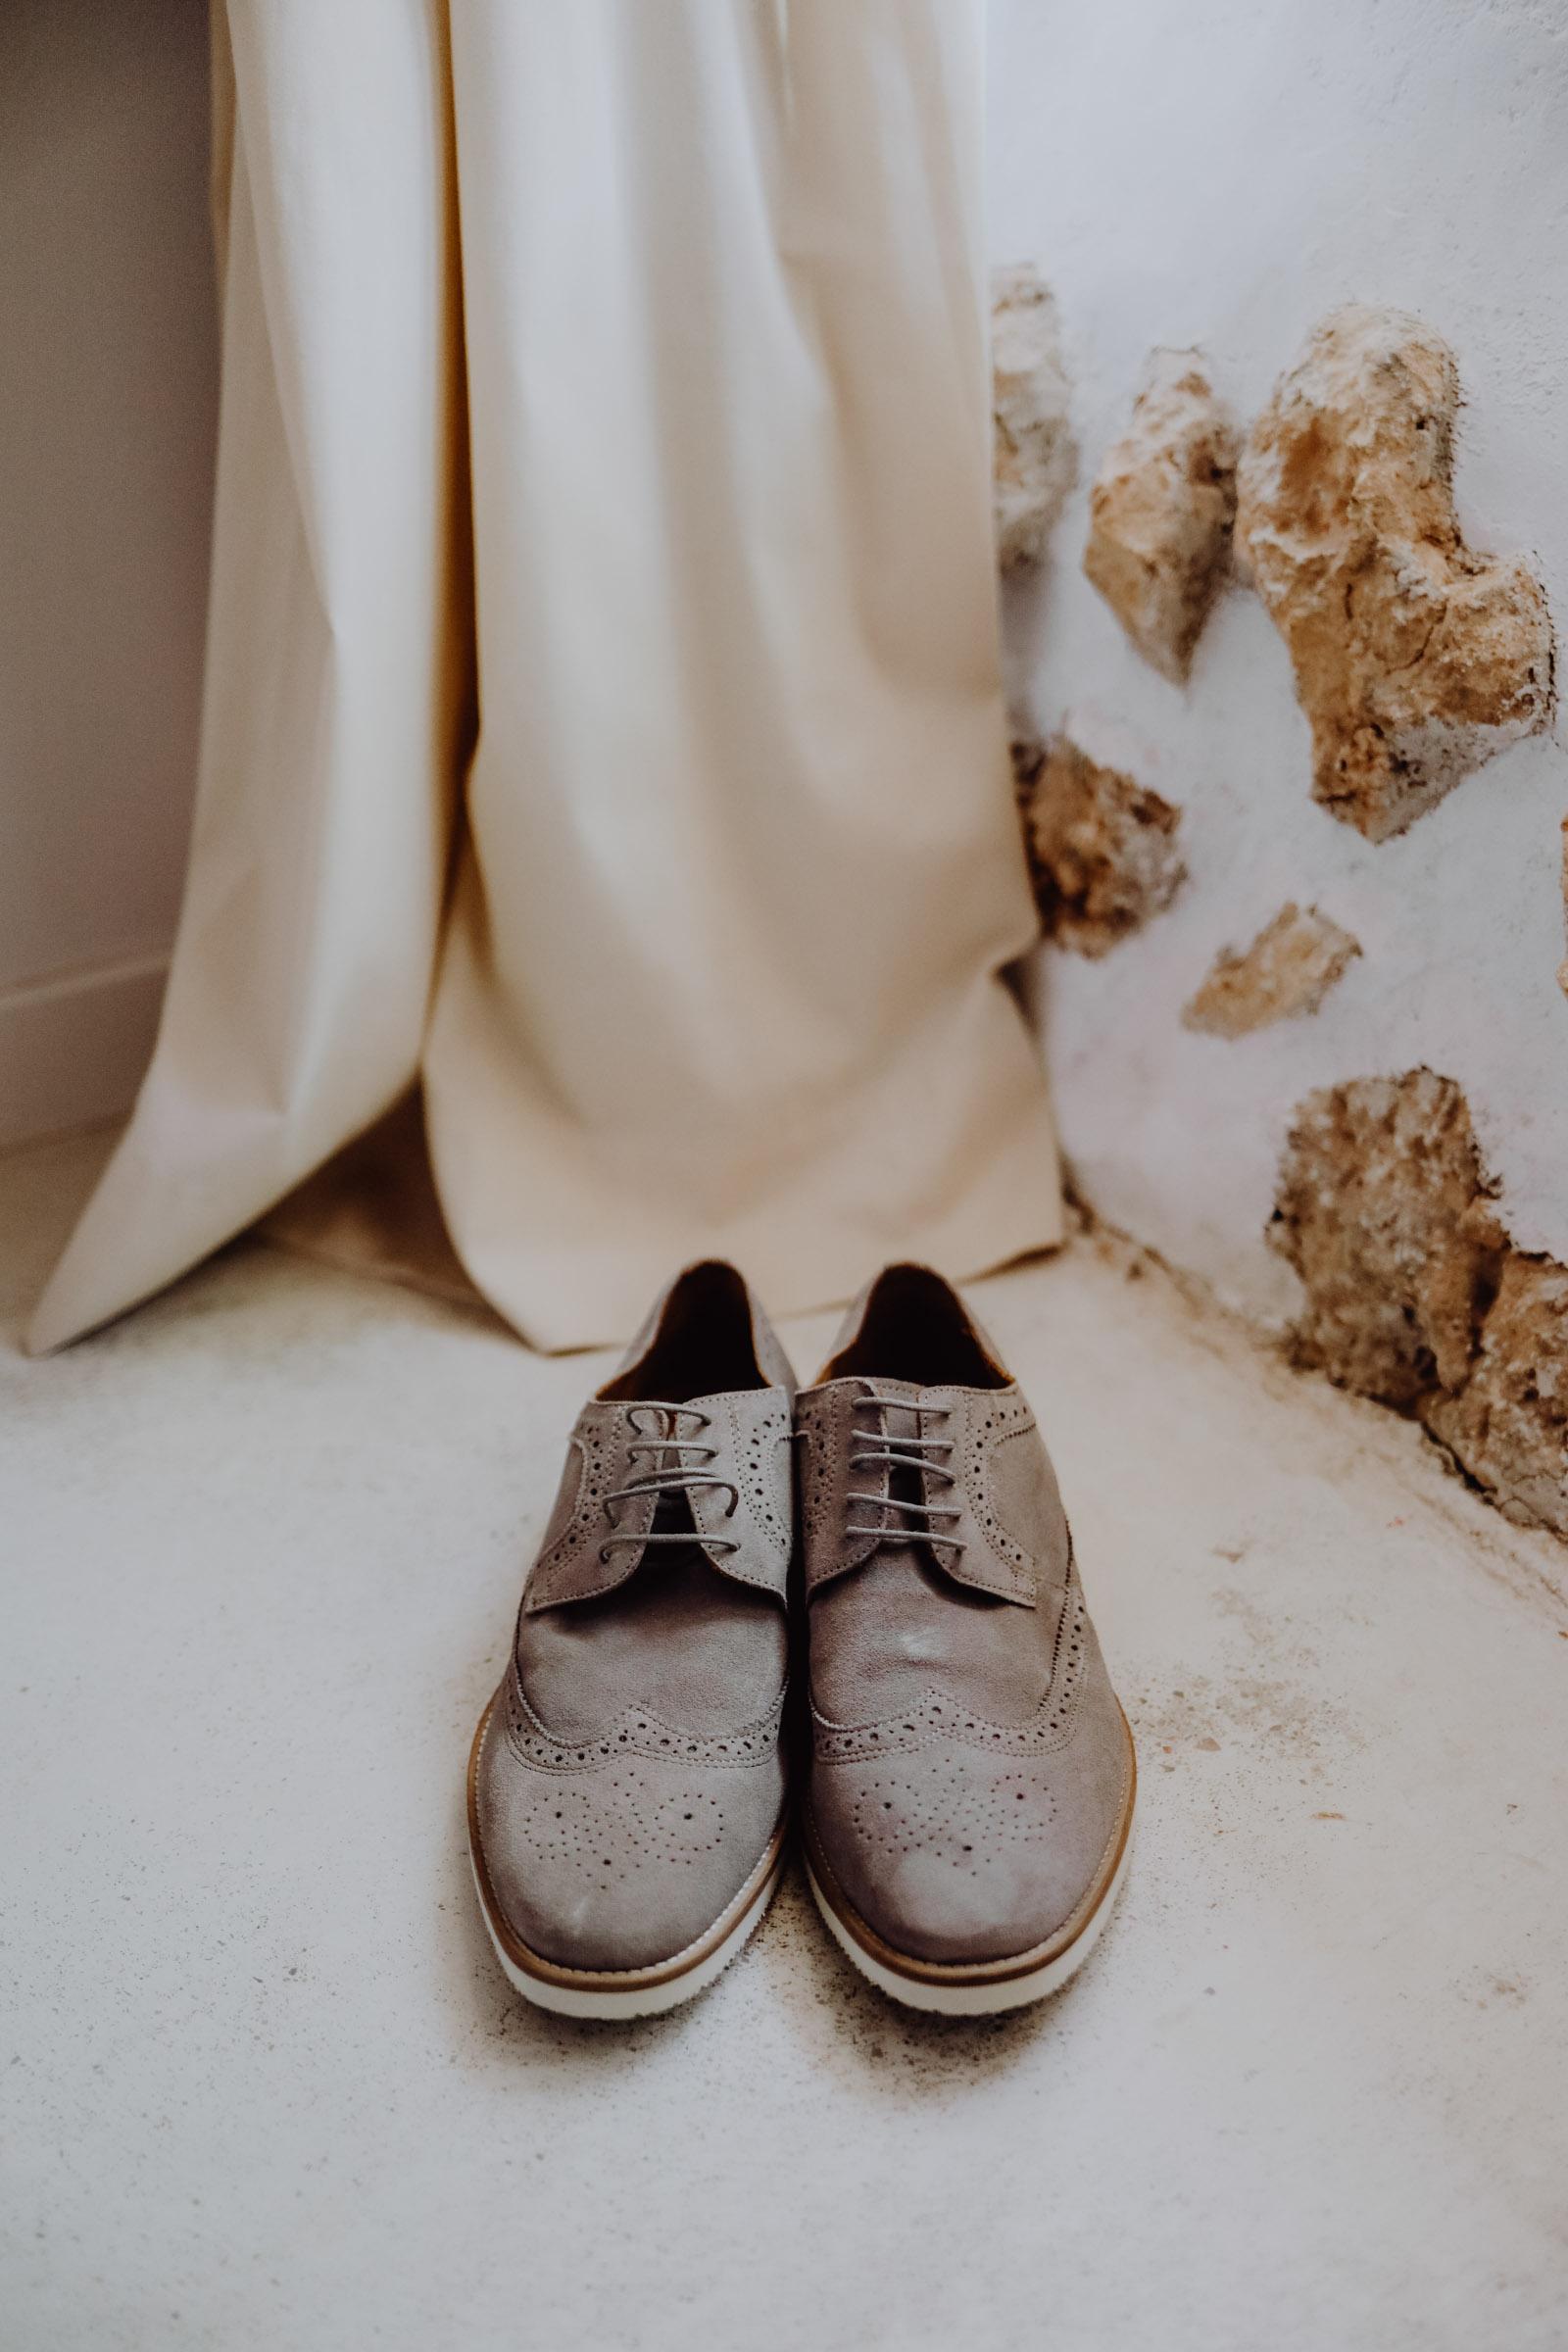 Schuhe vor Vorhang